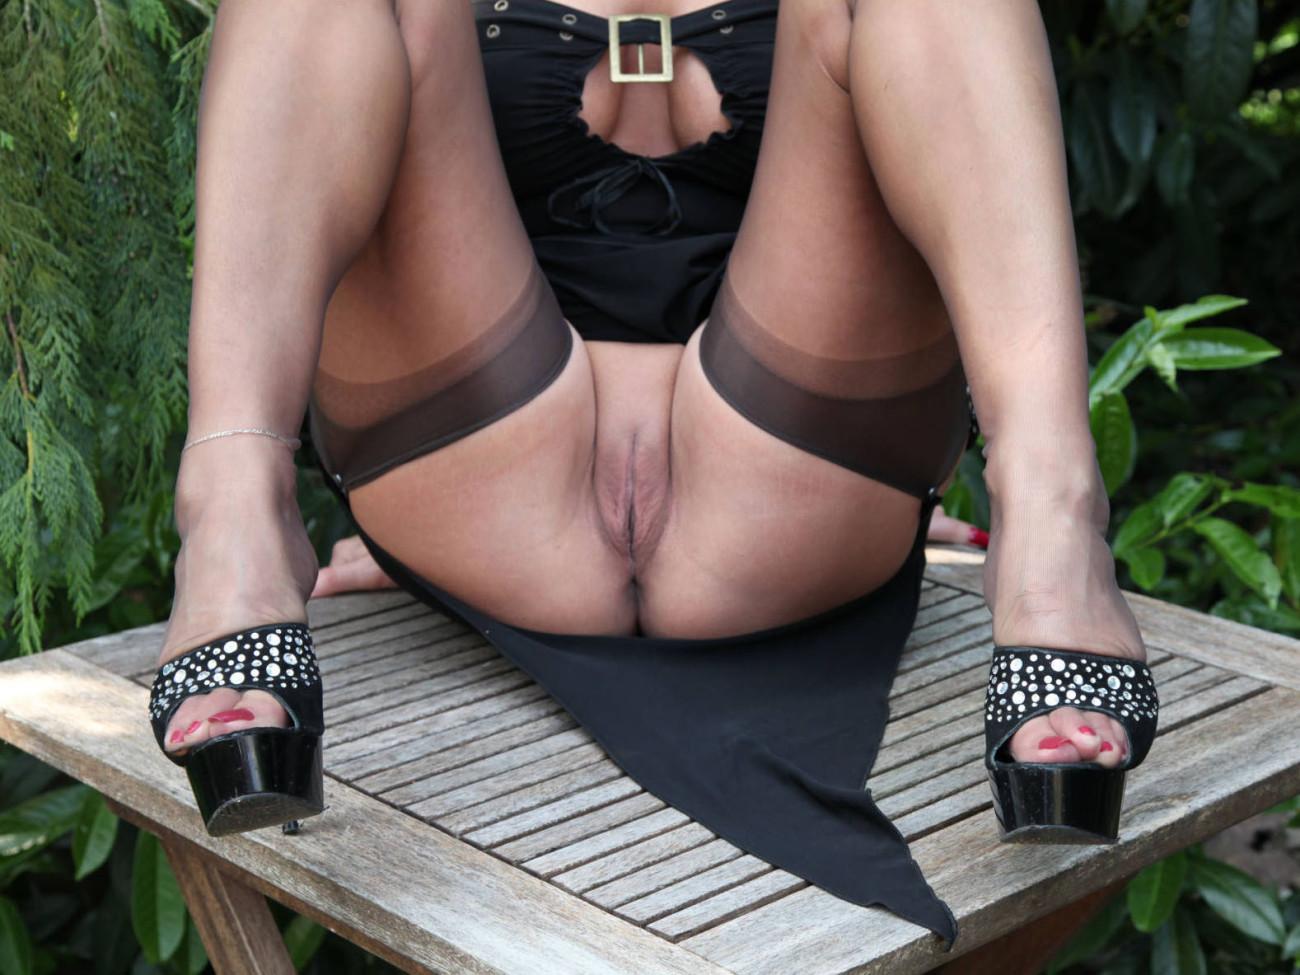 Garter belt pics